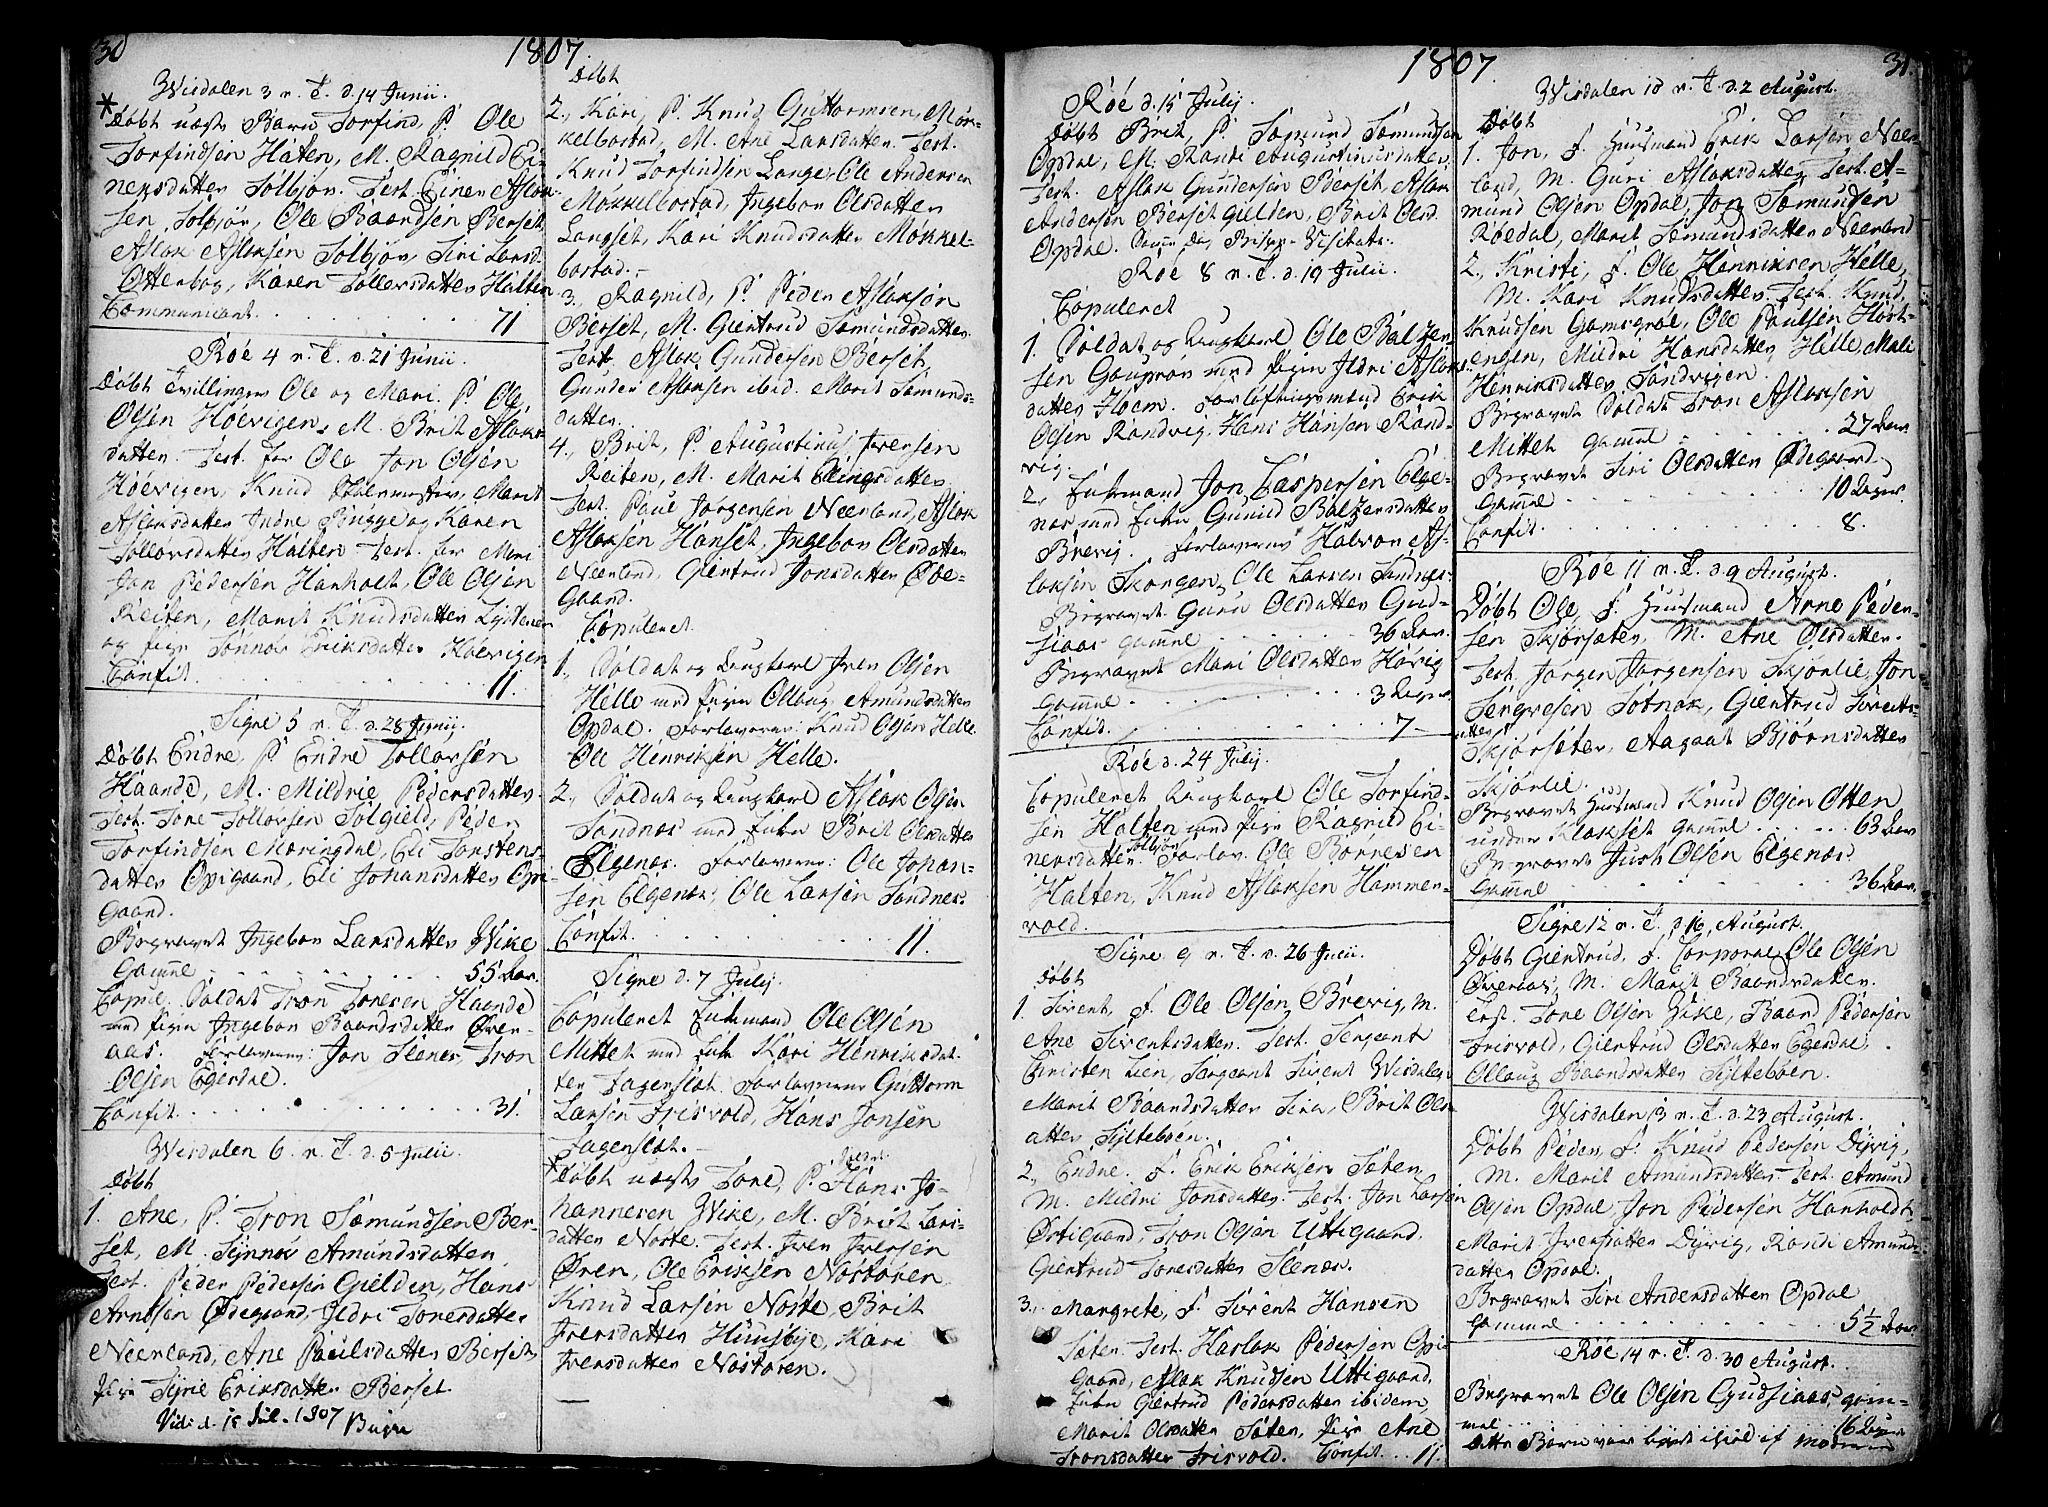 SAT, Ministerialprotokoller, klokkerbøker og fødselsregistre - Møre og Romsdal, 551/L0622: Ministerialbok nr. 551A02, 1804-1845, s. 30-31